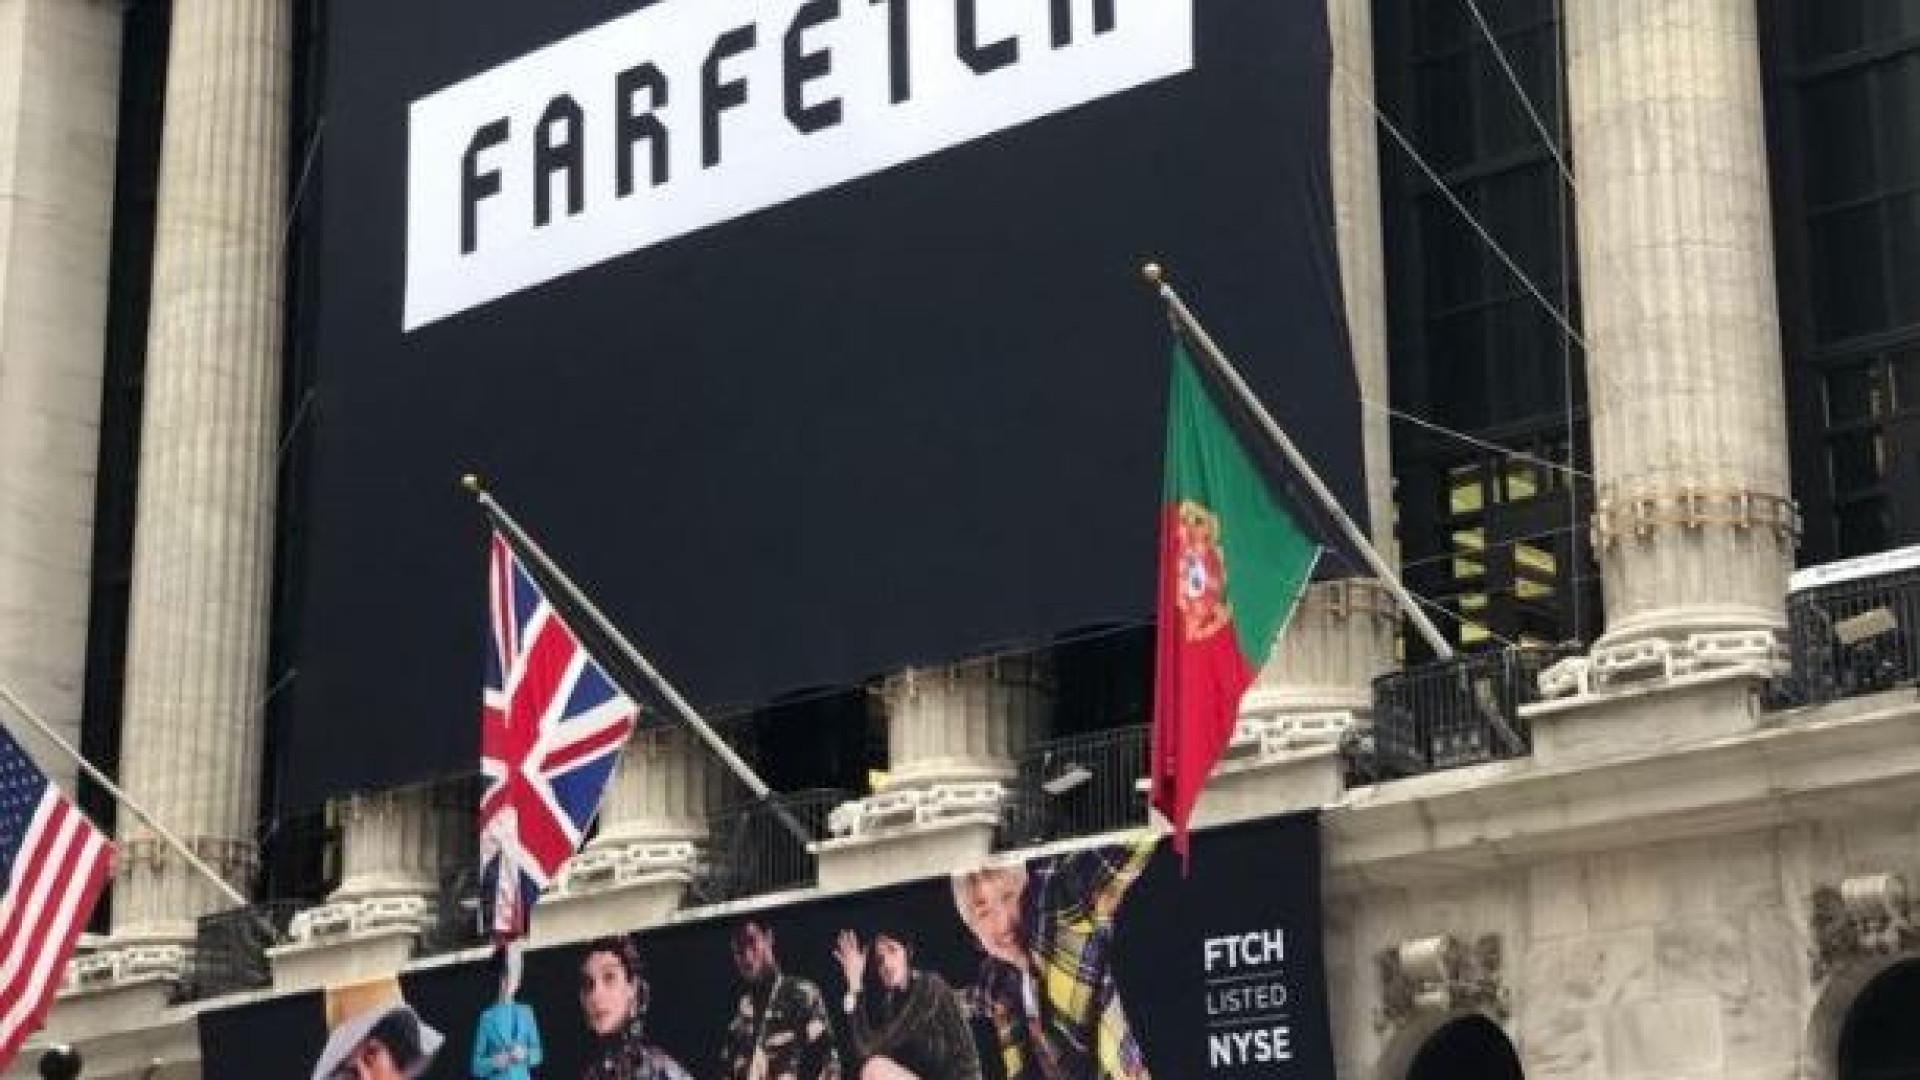 Em estreia 'louca', Farfetch disparou 42% e levou Portugal a Wall Street